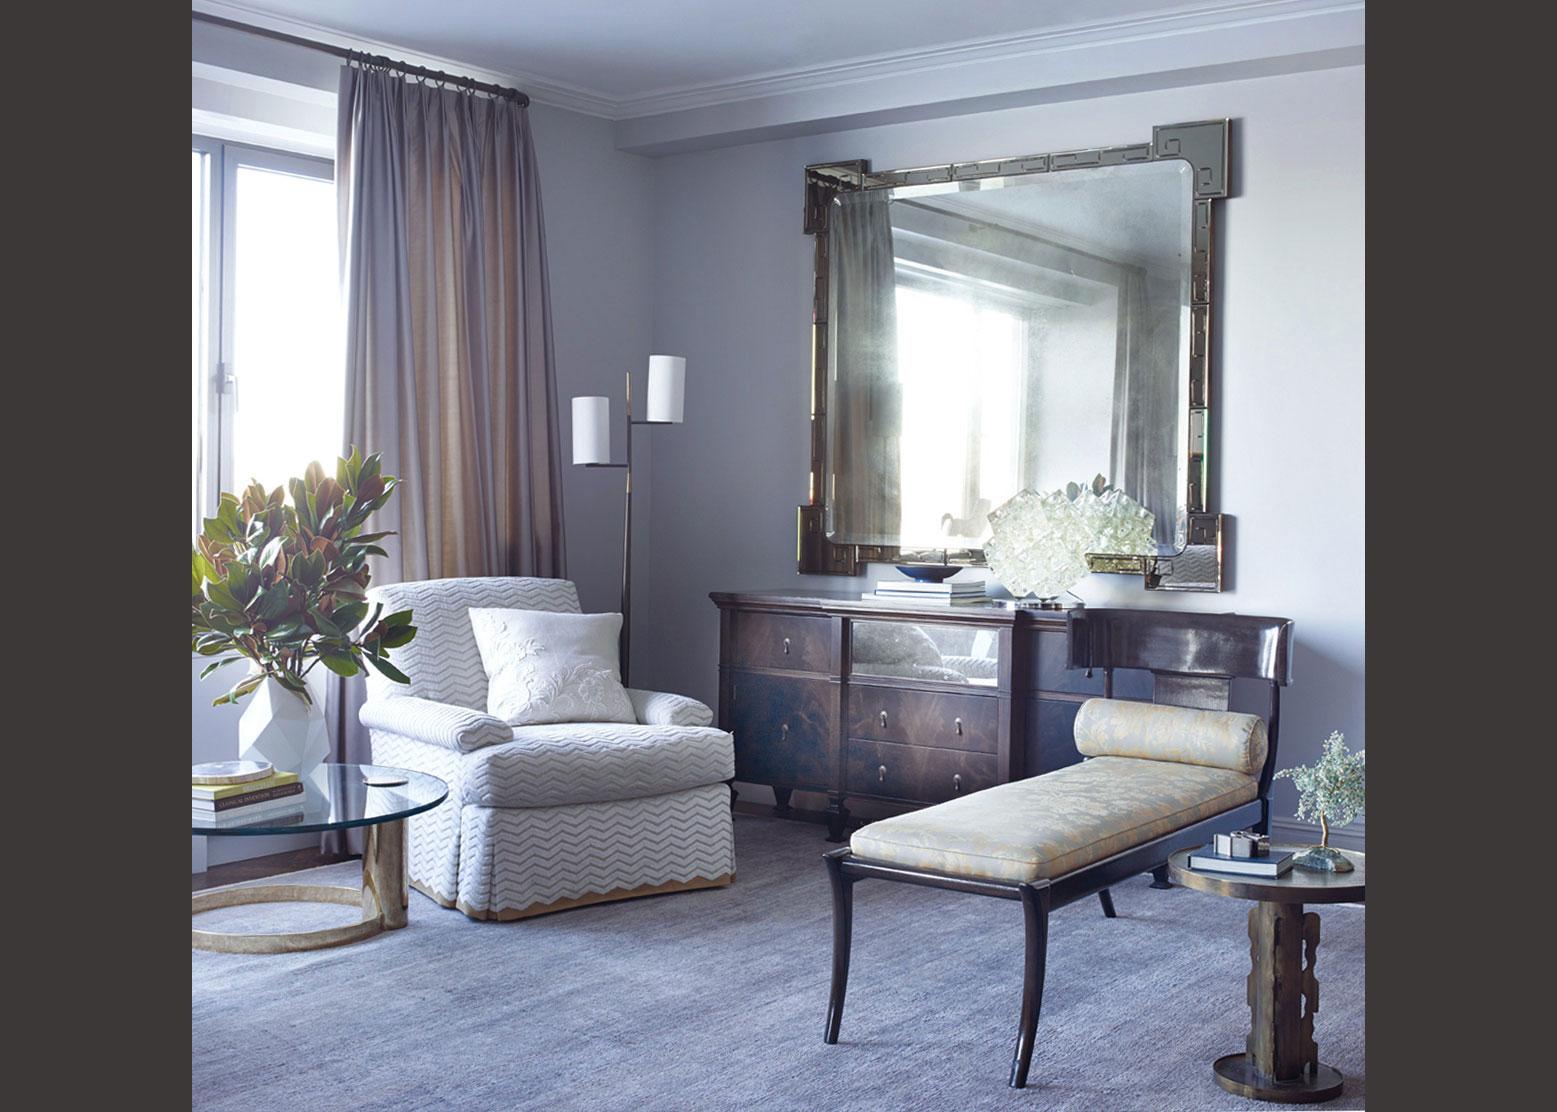 09-living-room.jpg